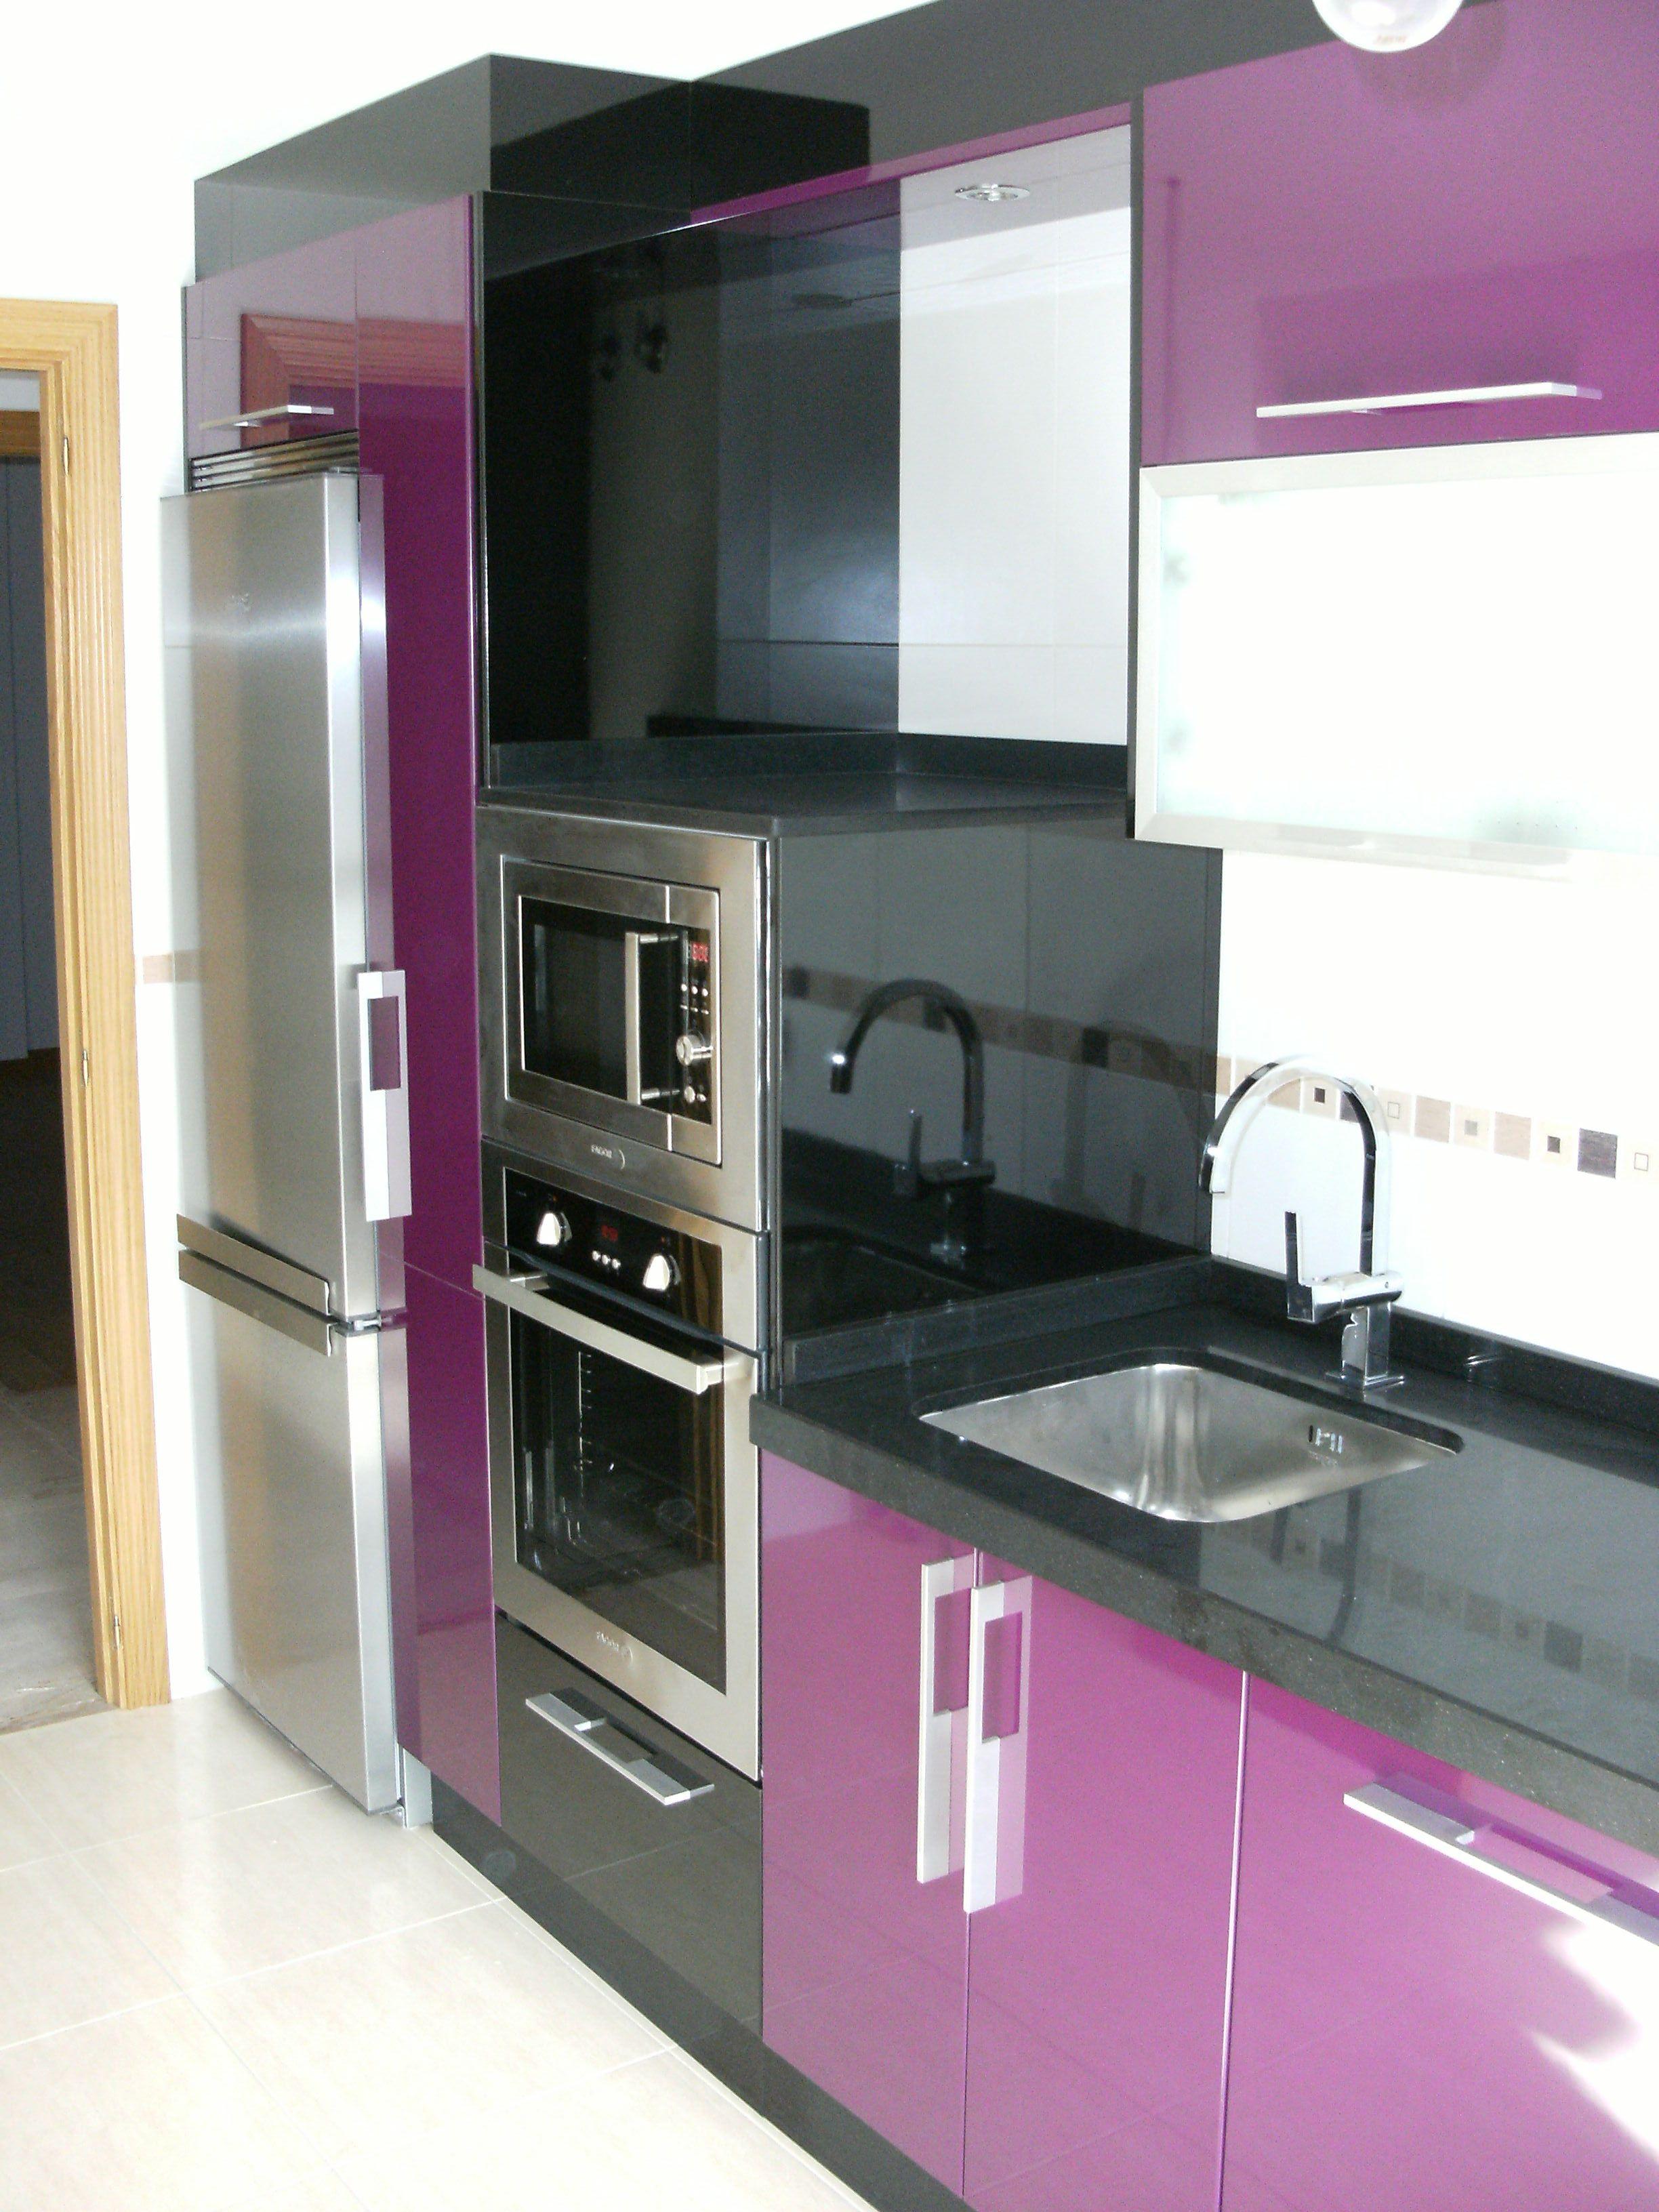 Cocina lila - Eurokit cocinas ...